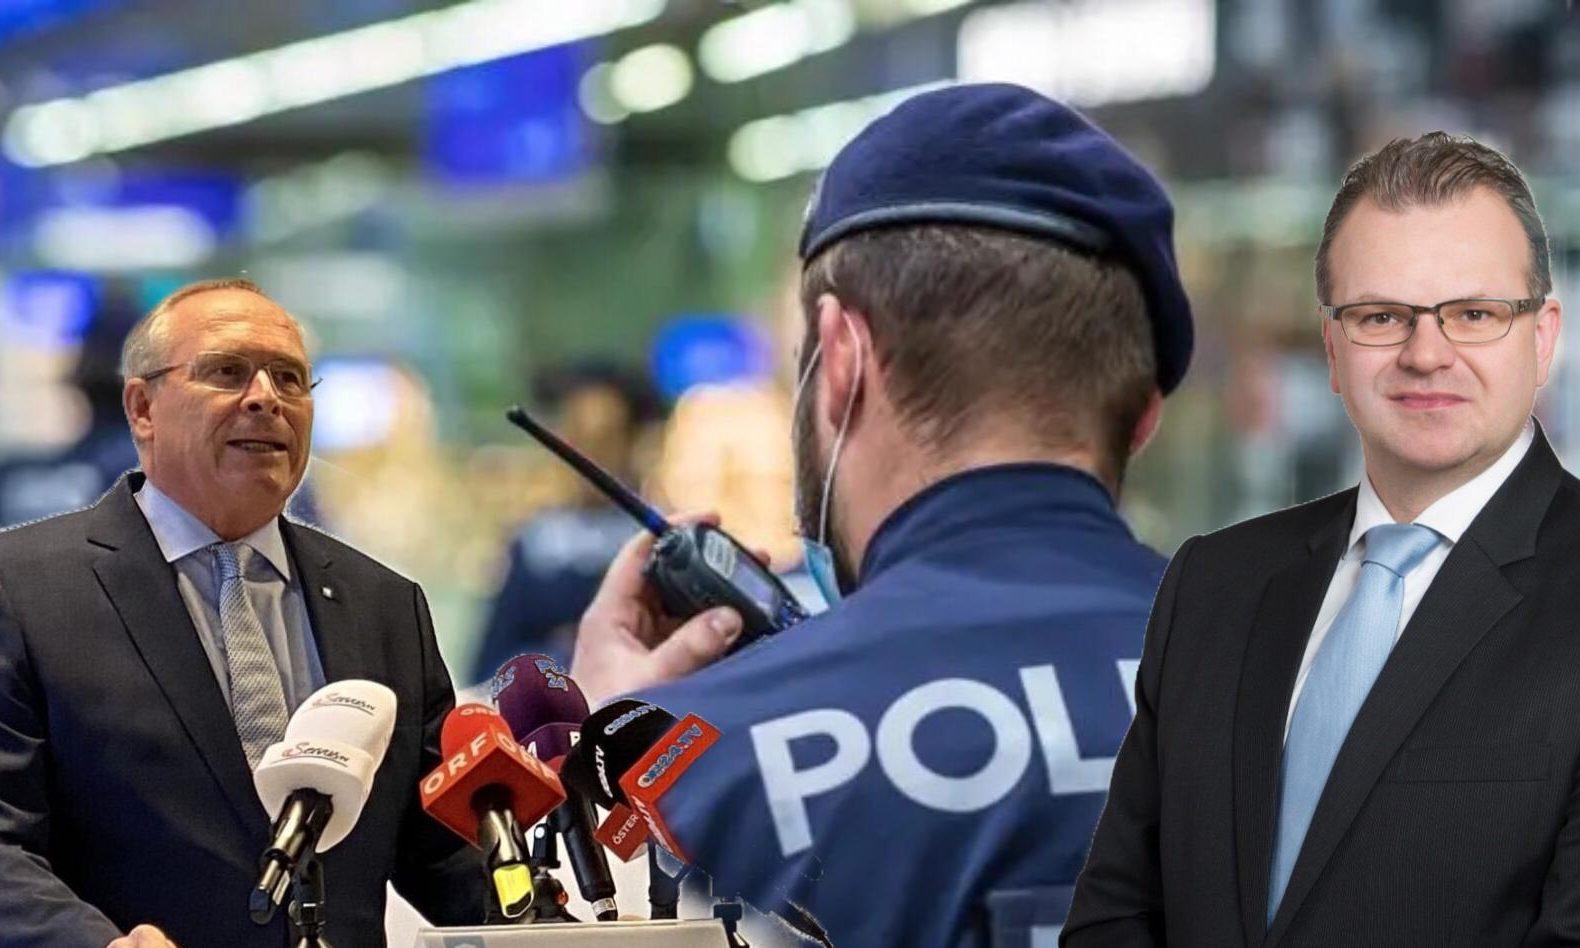 Karl Mahrer / Hans-Jörg Jenewein / Polizei